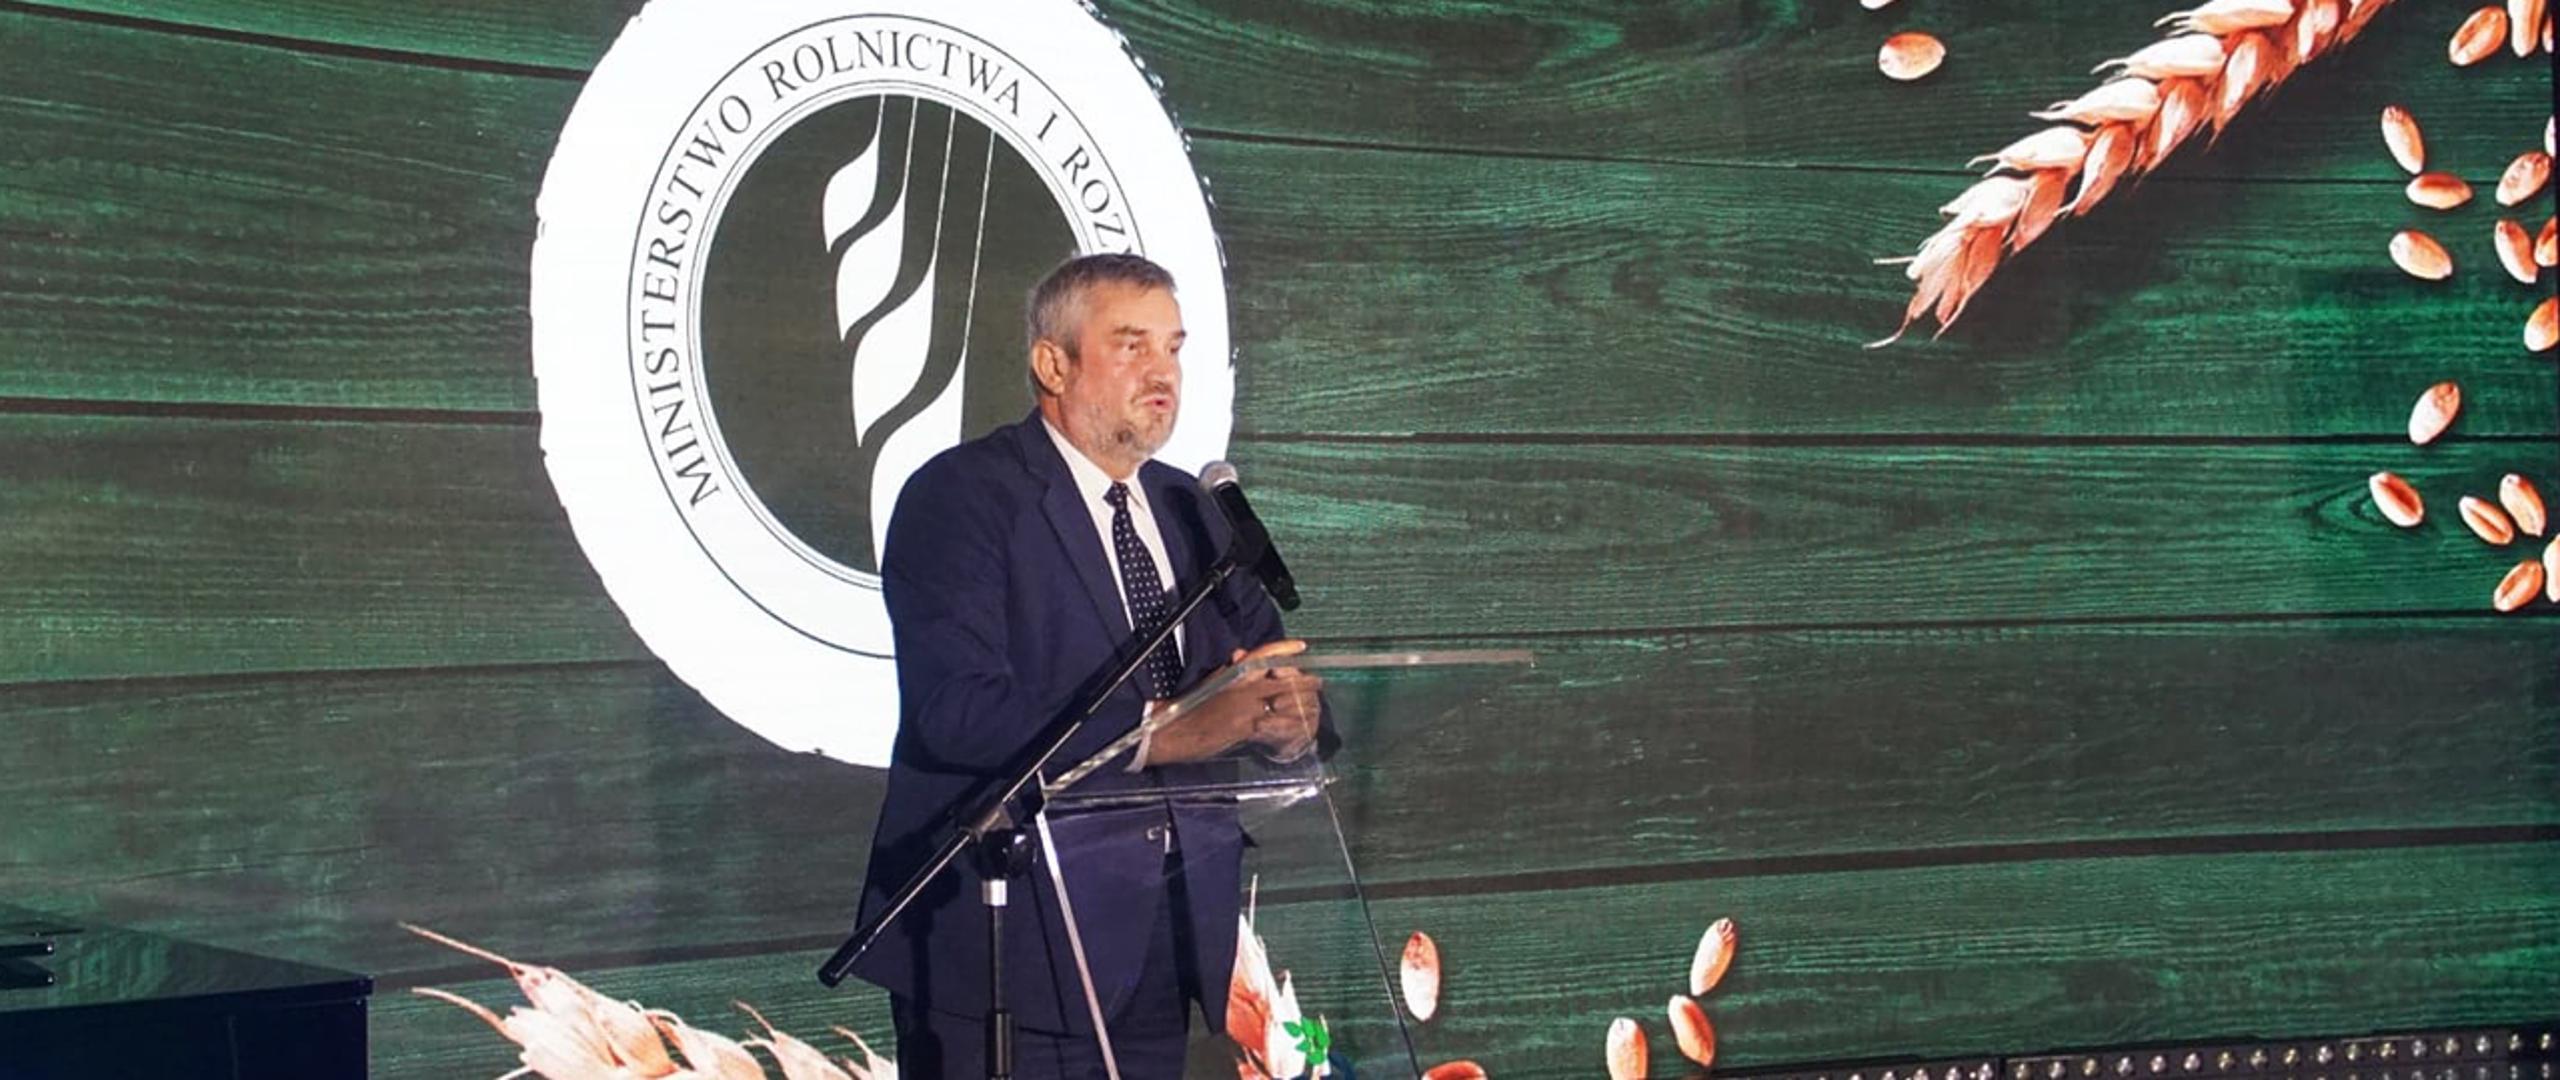 W Toruniu o rolnictwie, przetwórstwie i pomocy głodującym